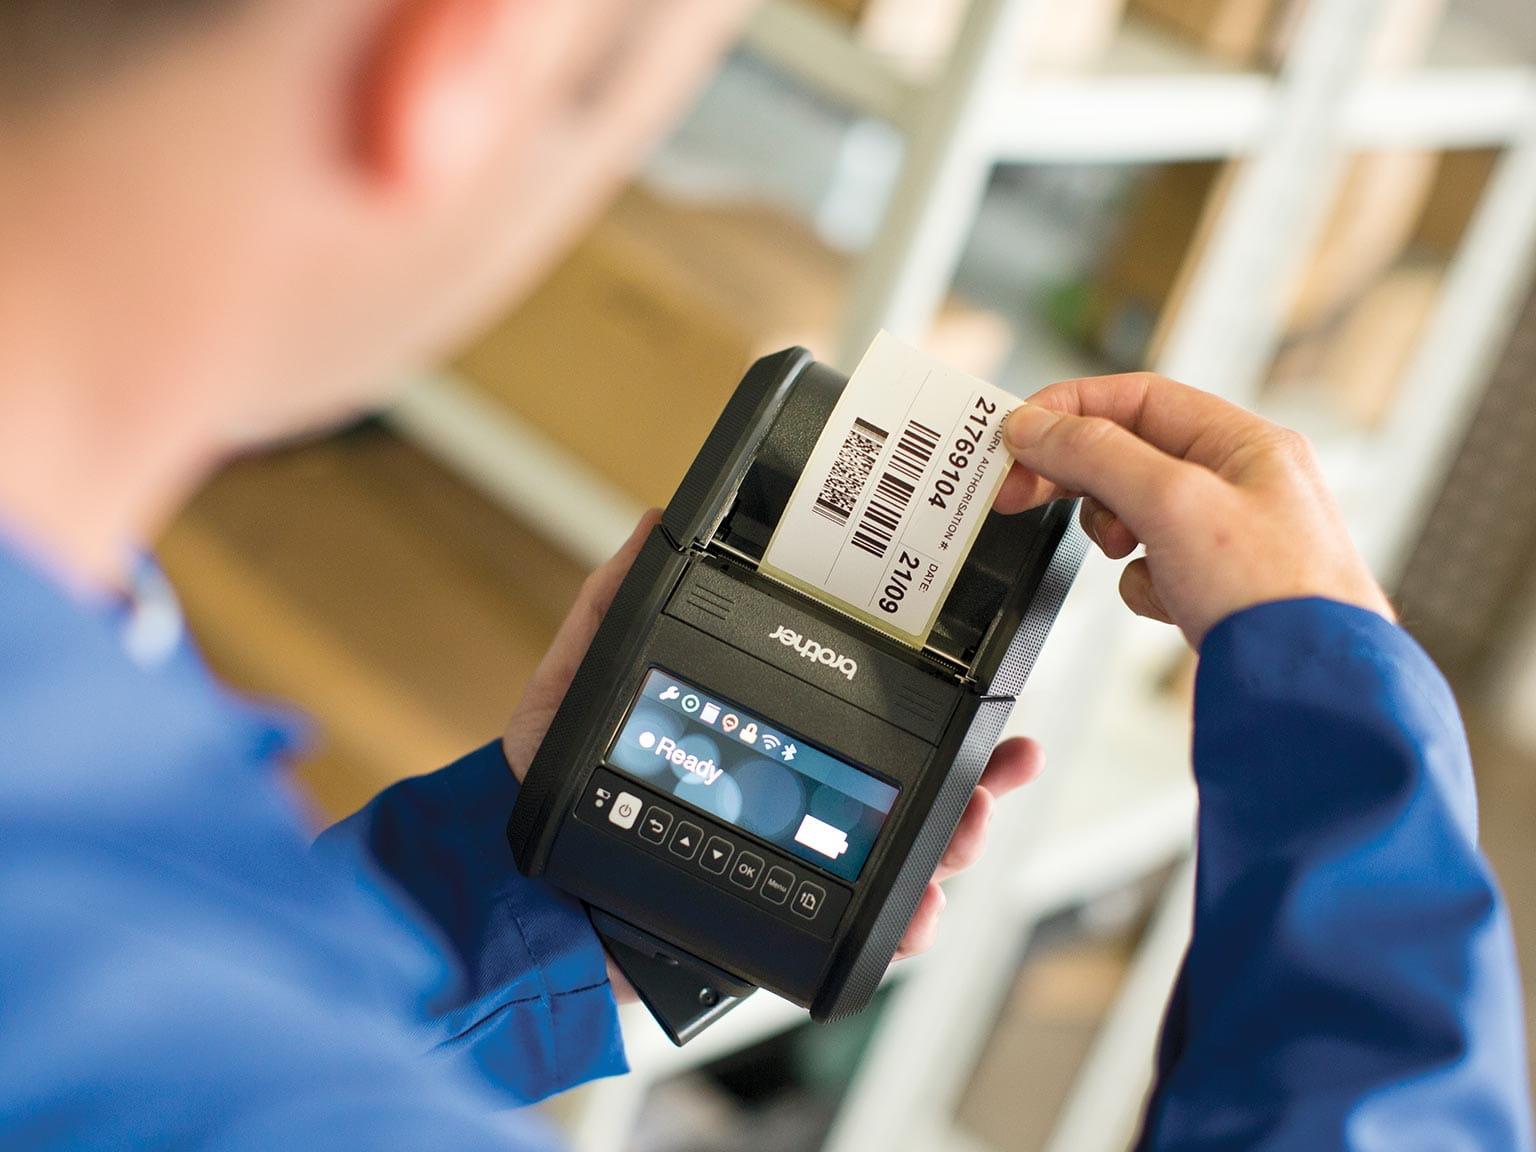 Egy raktári munkás RJ sorozatú címkenyomtatót tart a kezében a címke nyomtatása közben